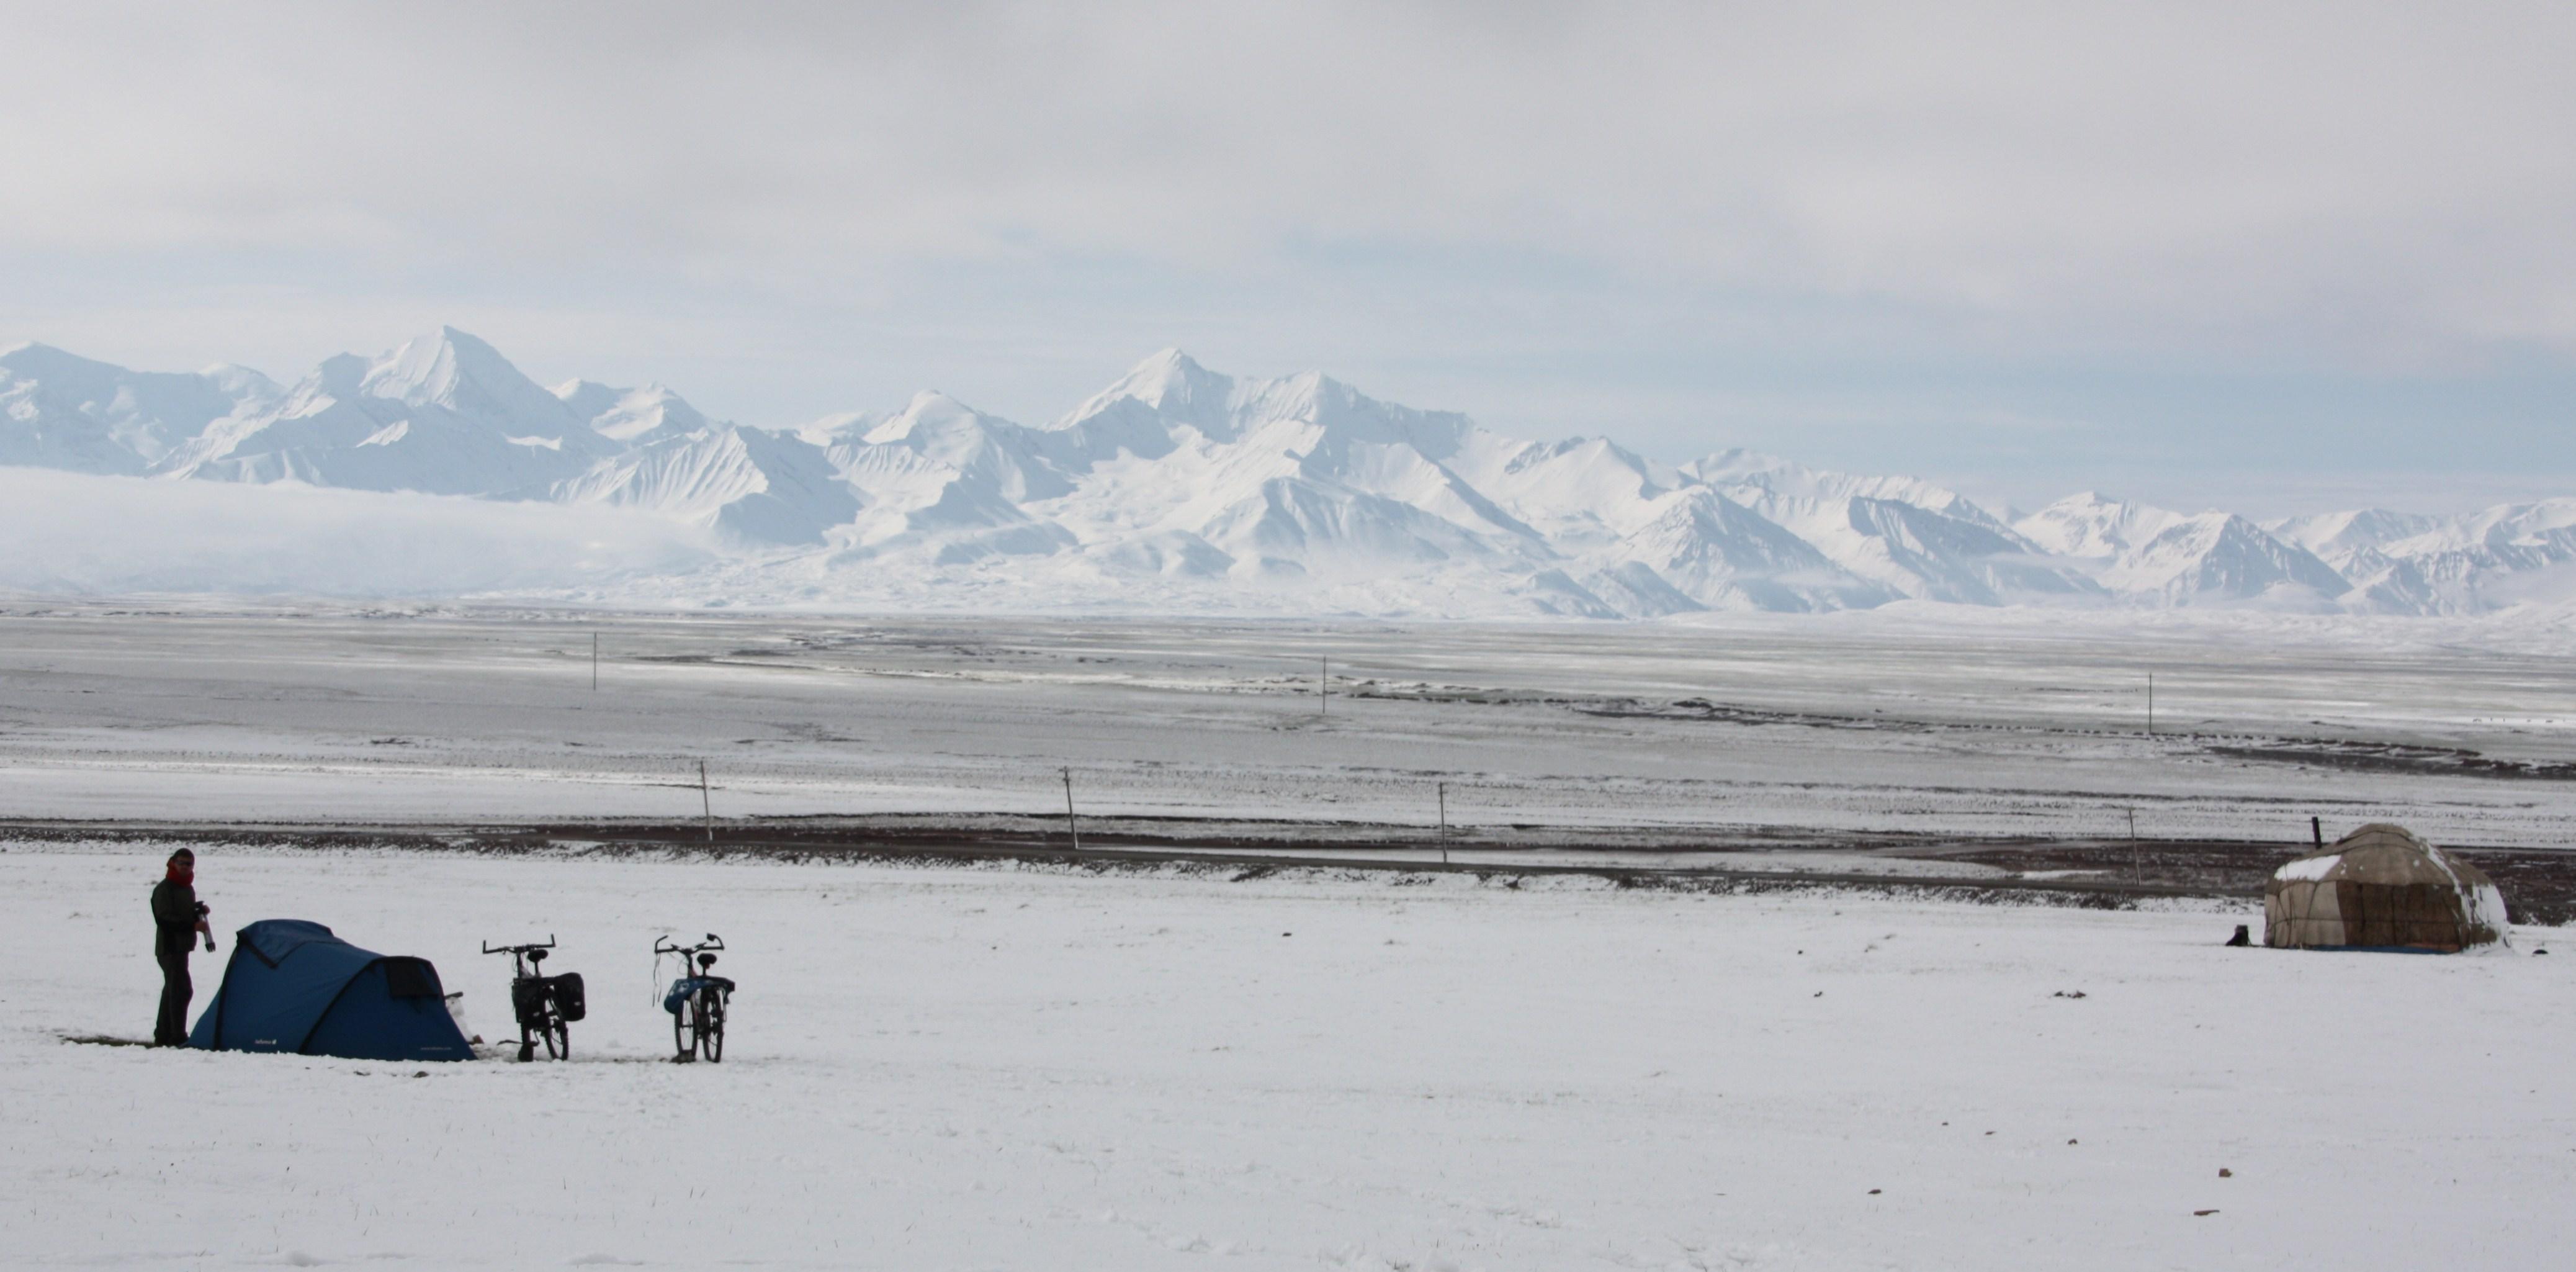 Récits de voyage  -  Films documentaires  -   Conférences  -  Photos